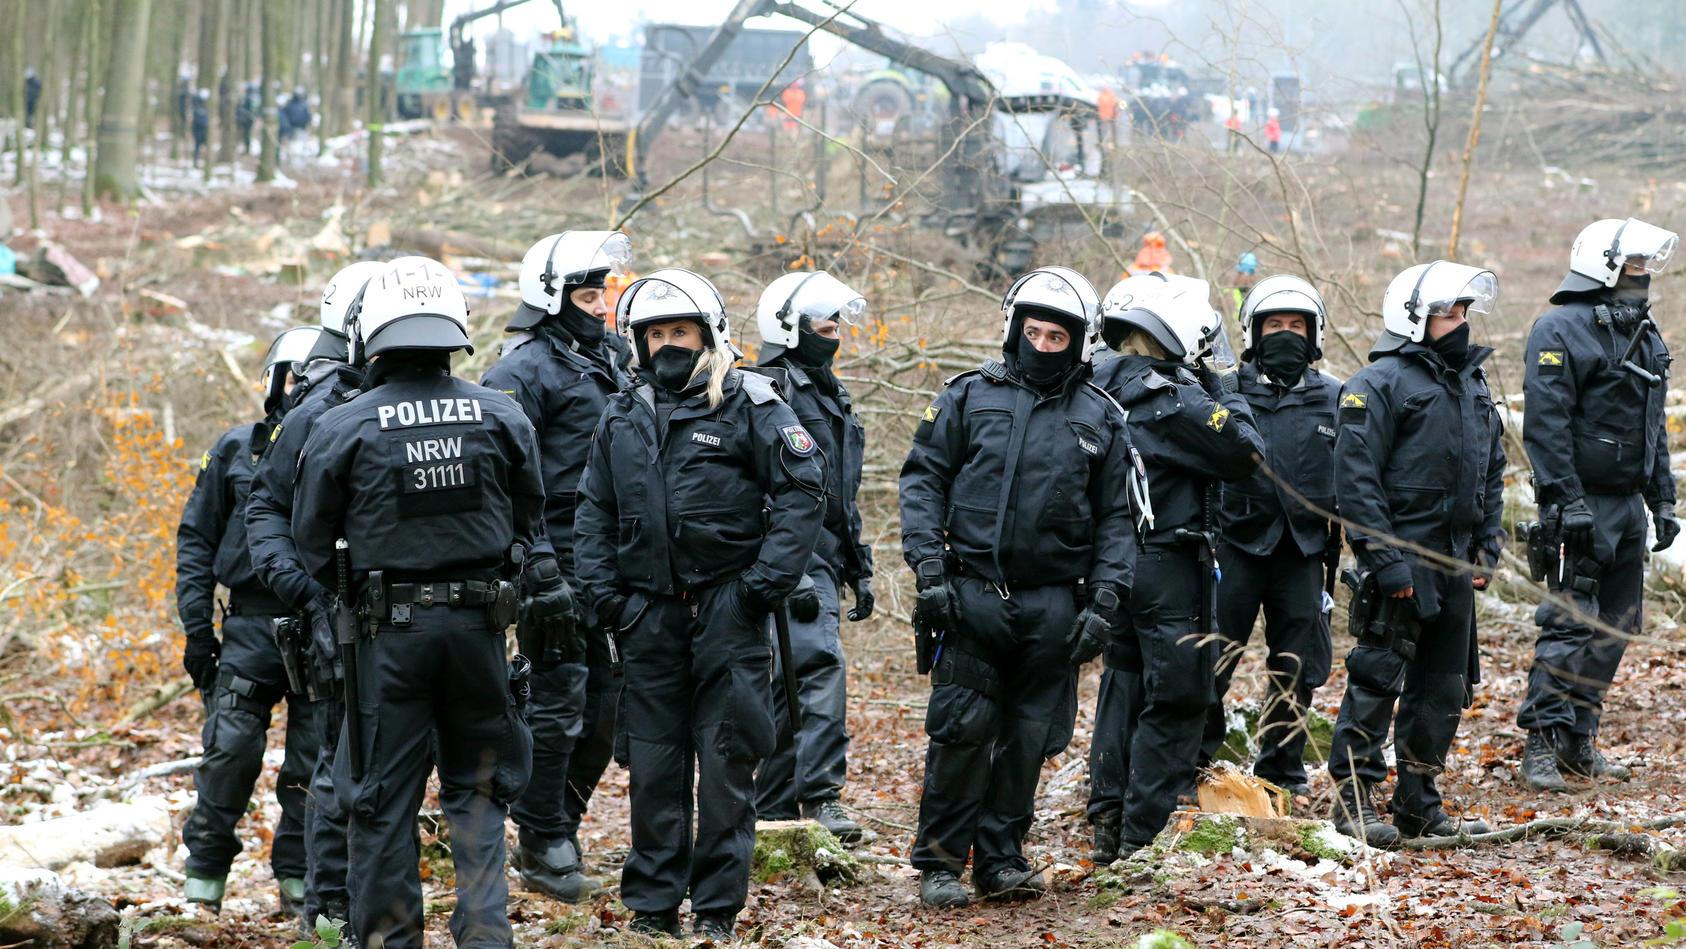 Polizisten stehen am 03.12.2020 vor einem sogenannten Harvester, der für die A49-Trasse Bäume rodet.